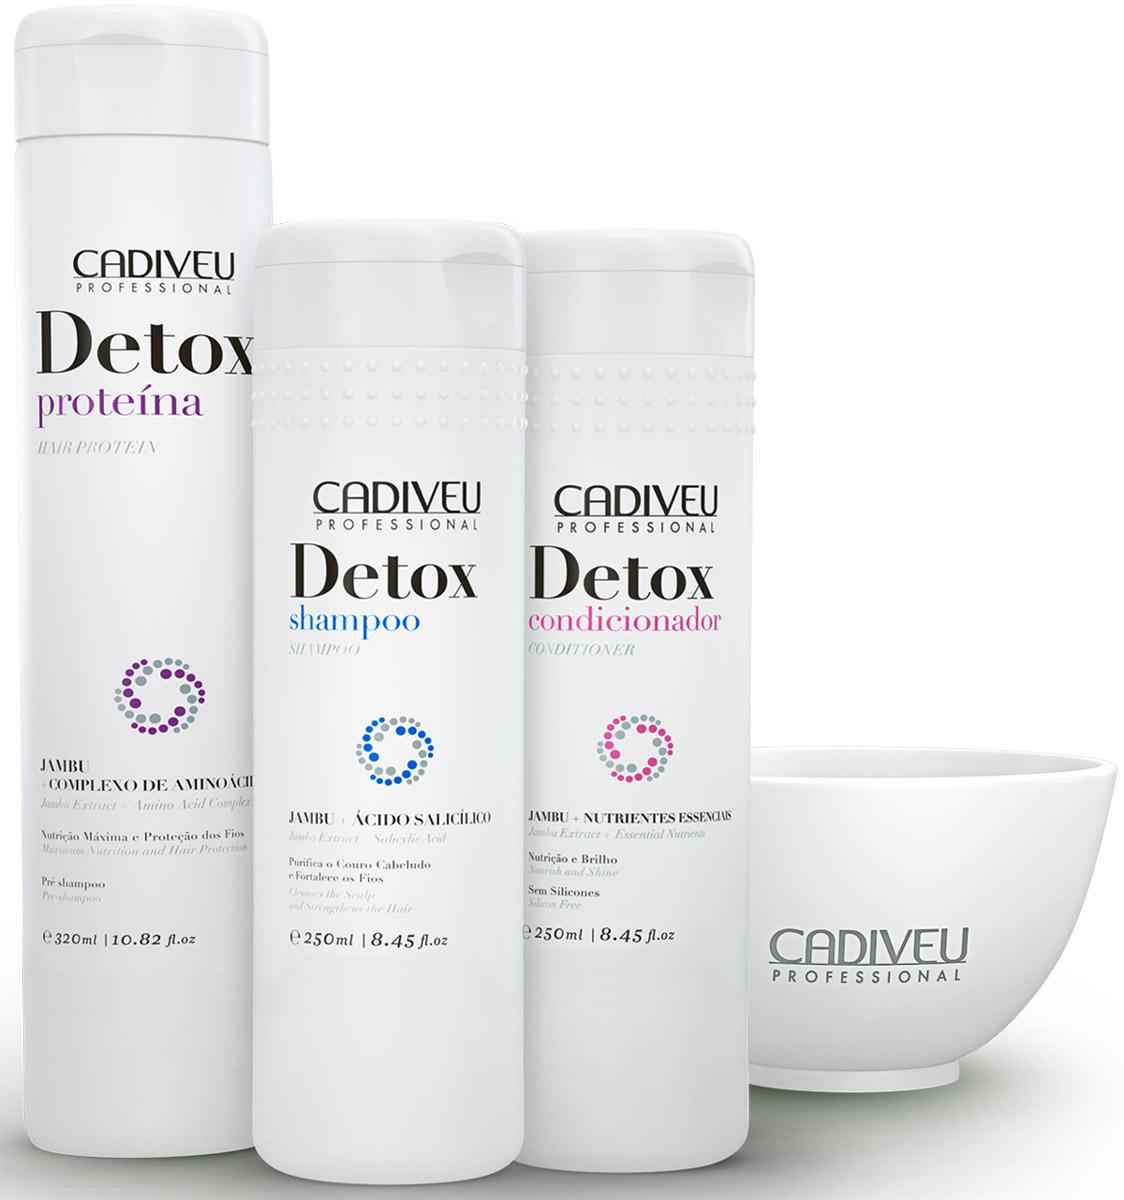 Cadiveu Набор для волос Detox Kit Home Care (3 products + small bowl)12413Процедура Detox Cadiveu способна вдохнуть новую жизнь в уставшие, потерявшие блеск волосы. Это идеальное средство для воскрешения очень поврежденных волос, которым необходимо восстановление и интенсивное увлажнение. После курса процедур Detox Сadiveu ваши волосы как будто наполняются энергией изнутри!